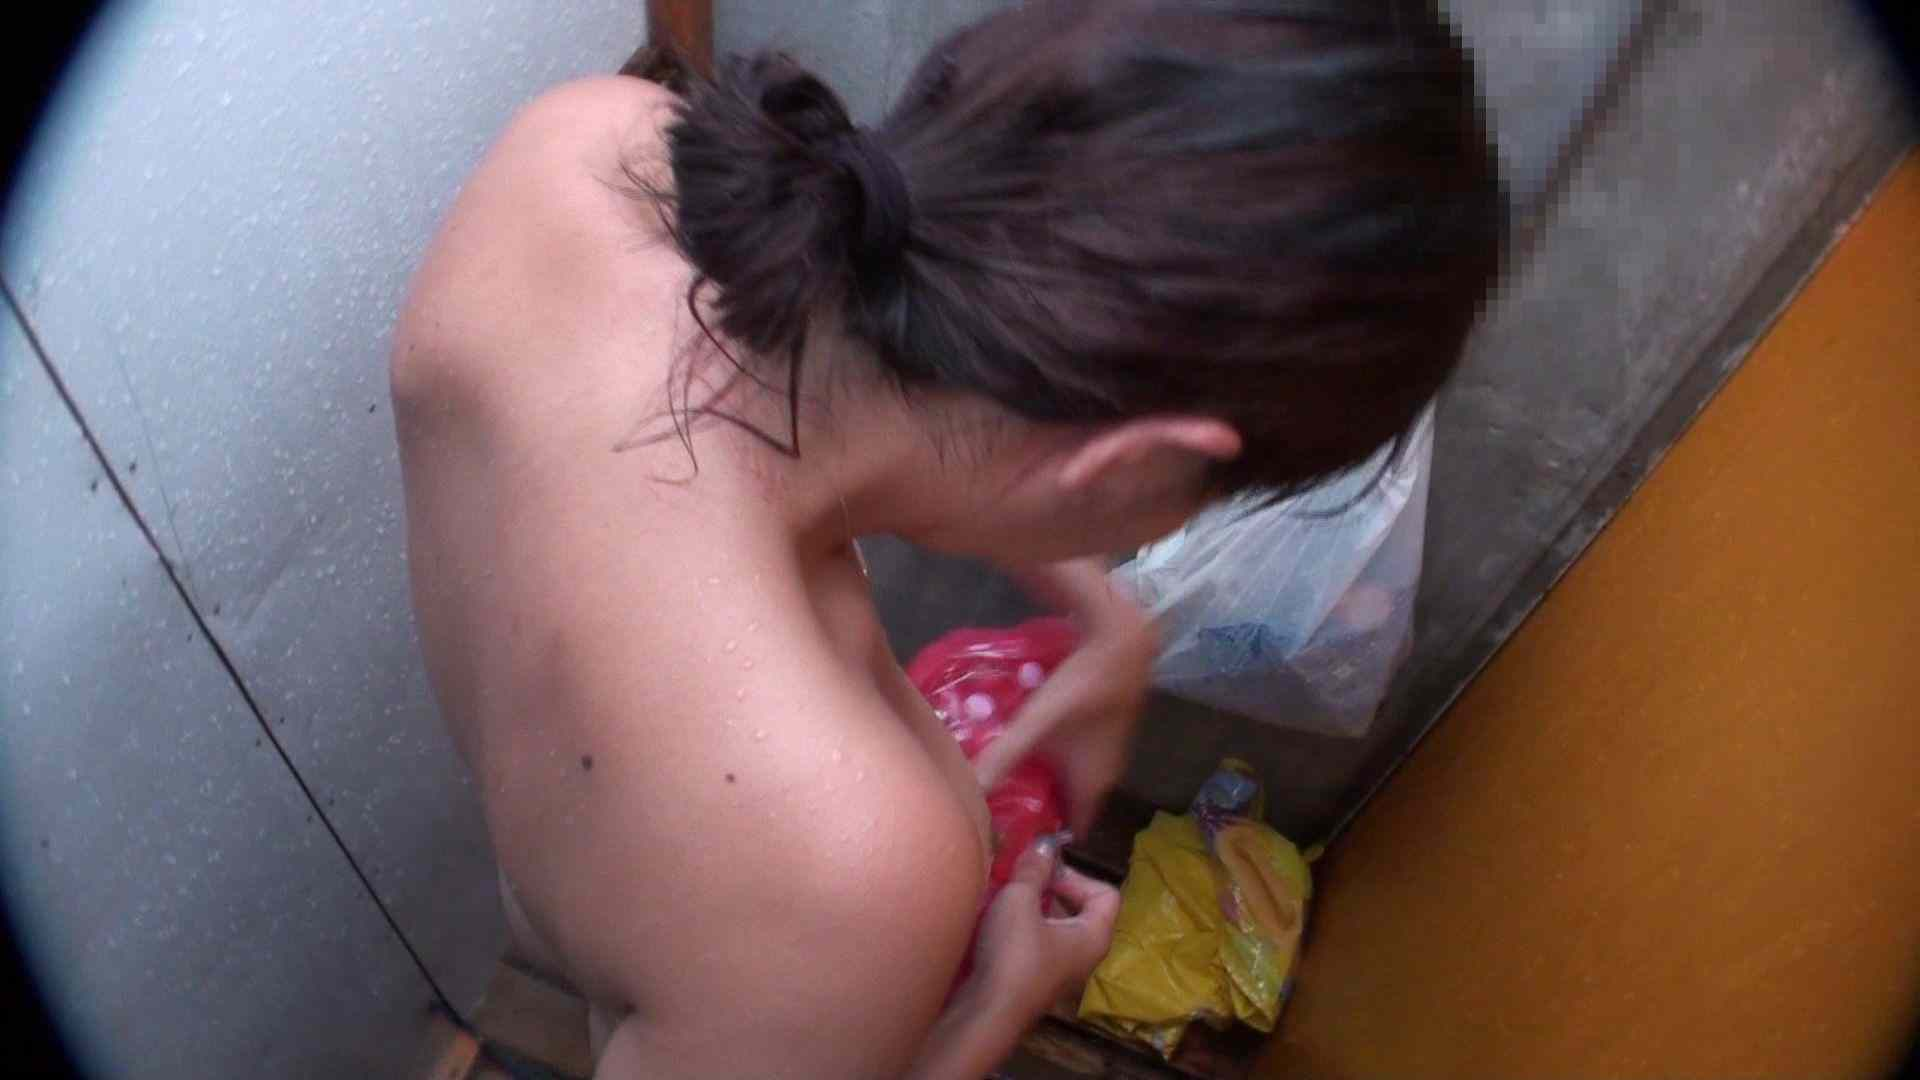 ハイビジョンシャワールームは超!!危険な香りVol.31 清楚なママのパンツはティーバック 高画質   シャワー  107連発 65